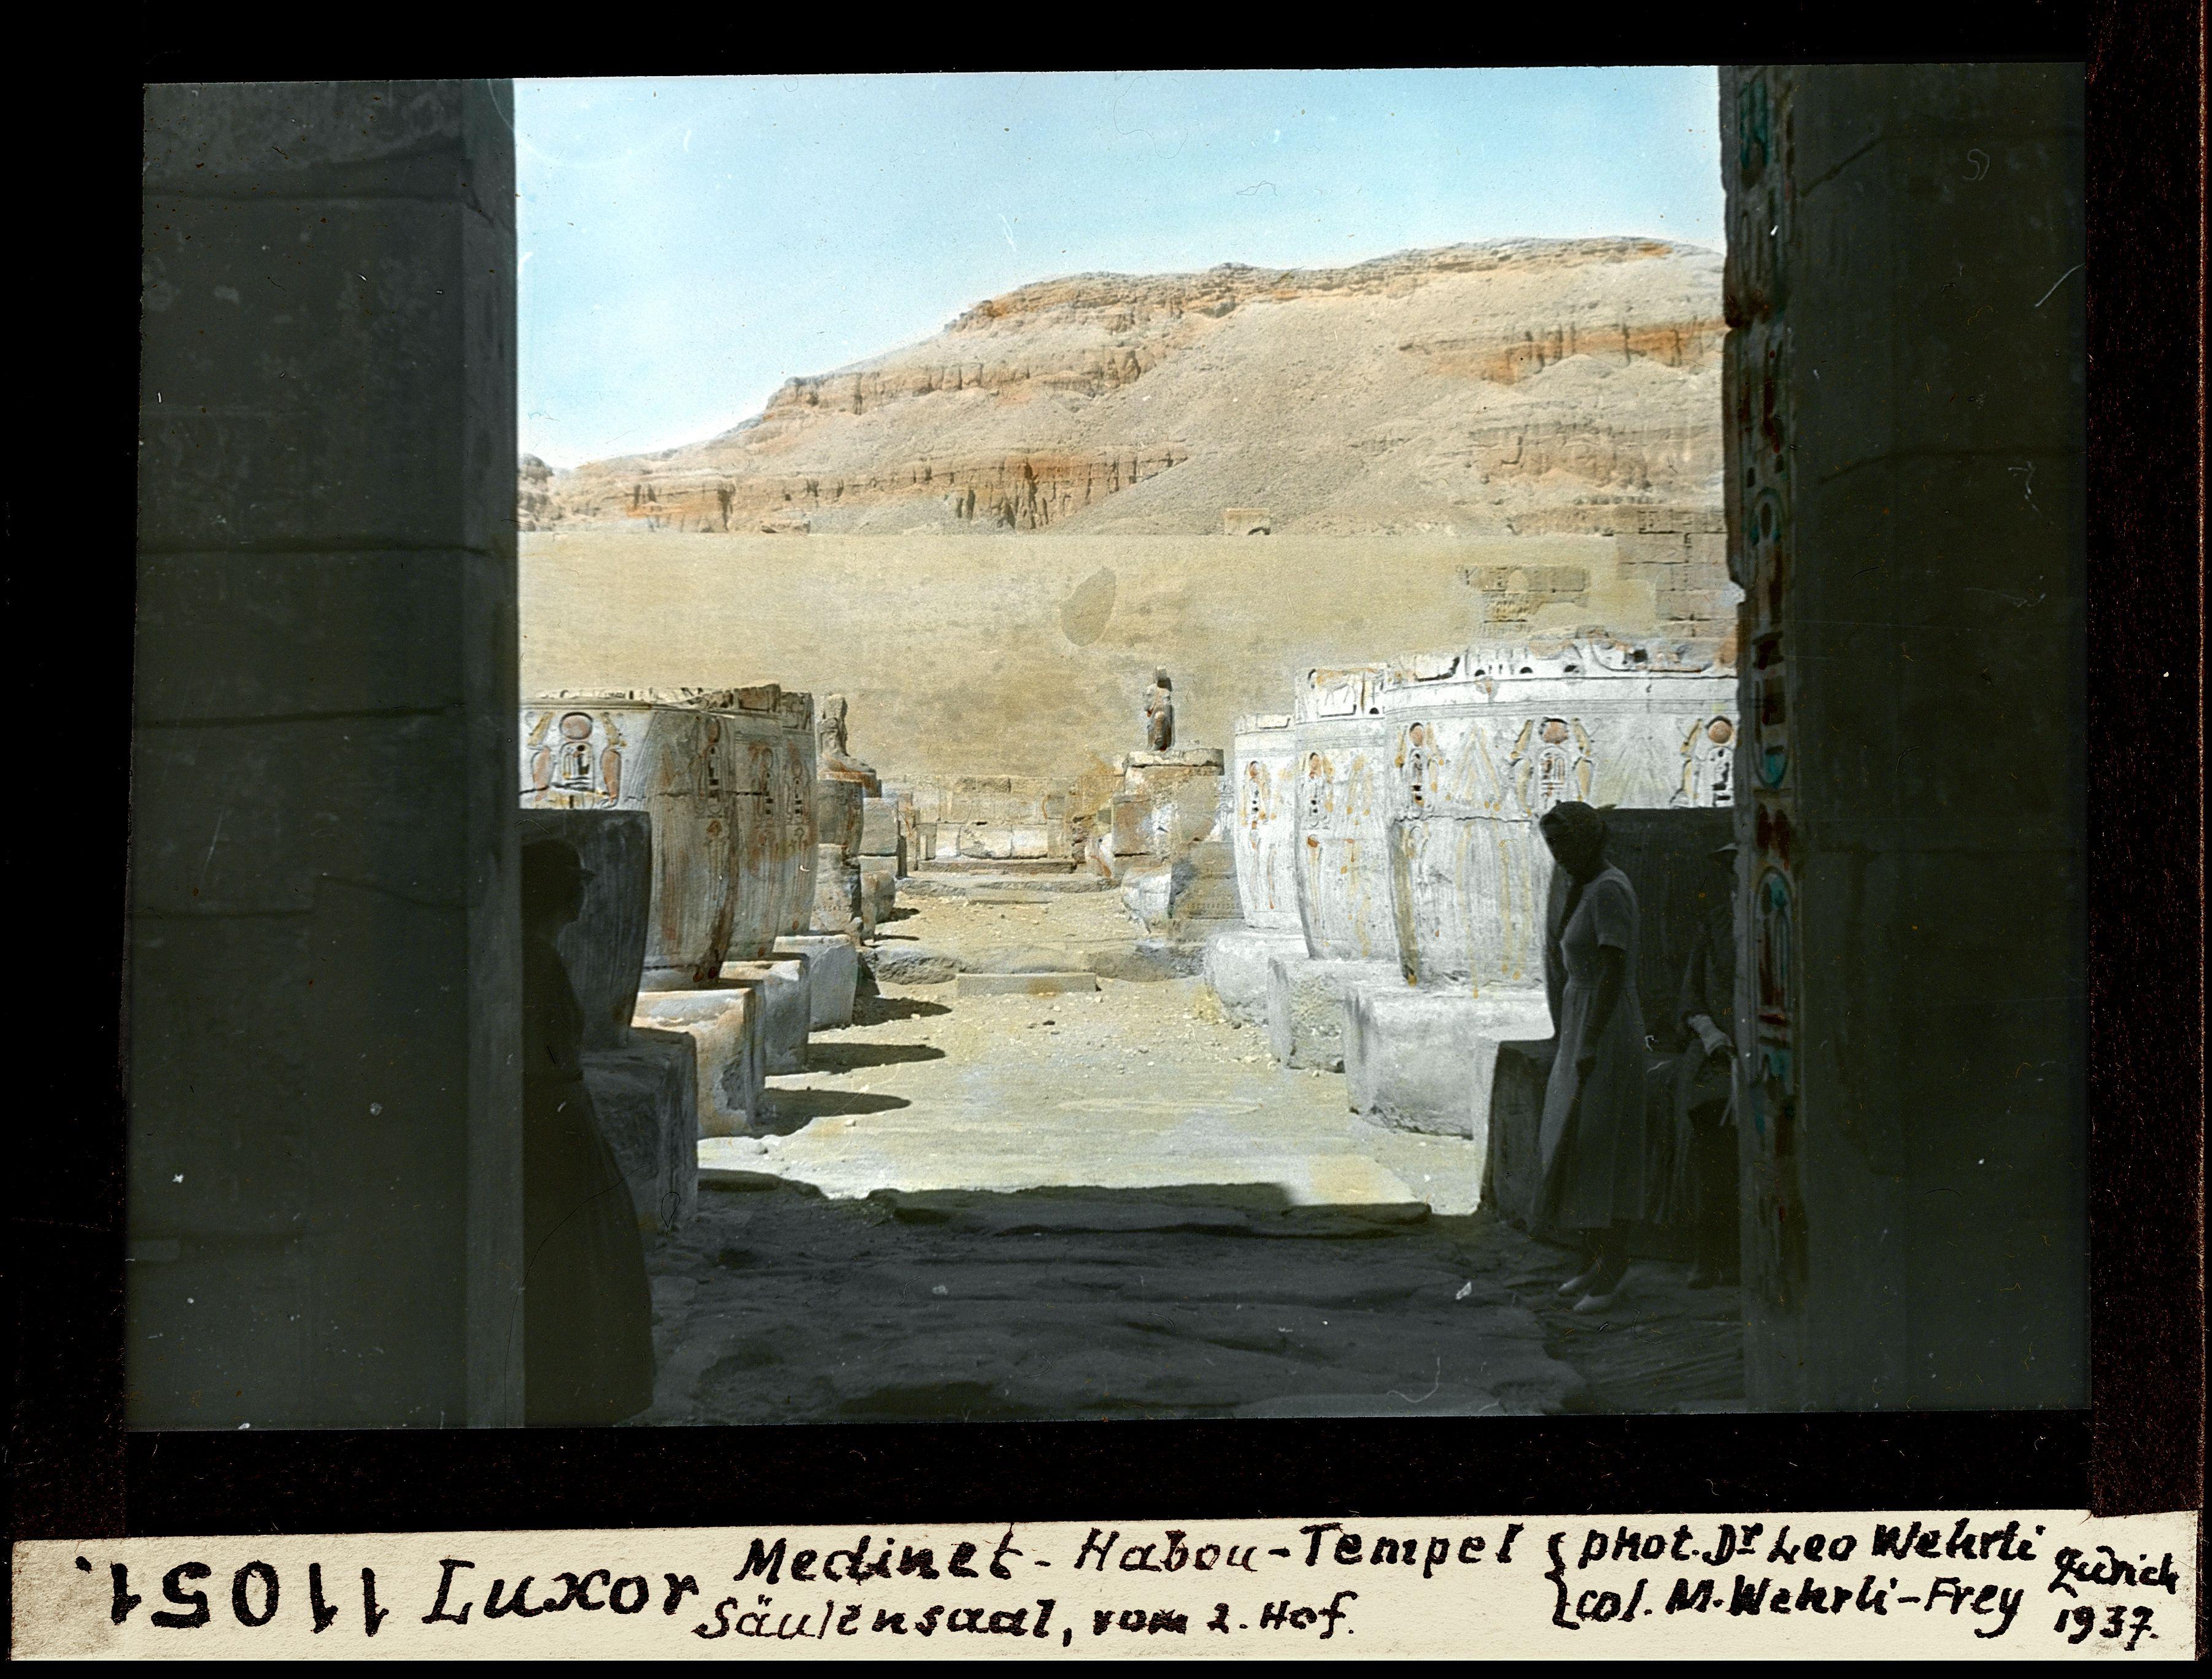 Мединет-Абу. Погребальный храм Рамсеса III. Колонный зал